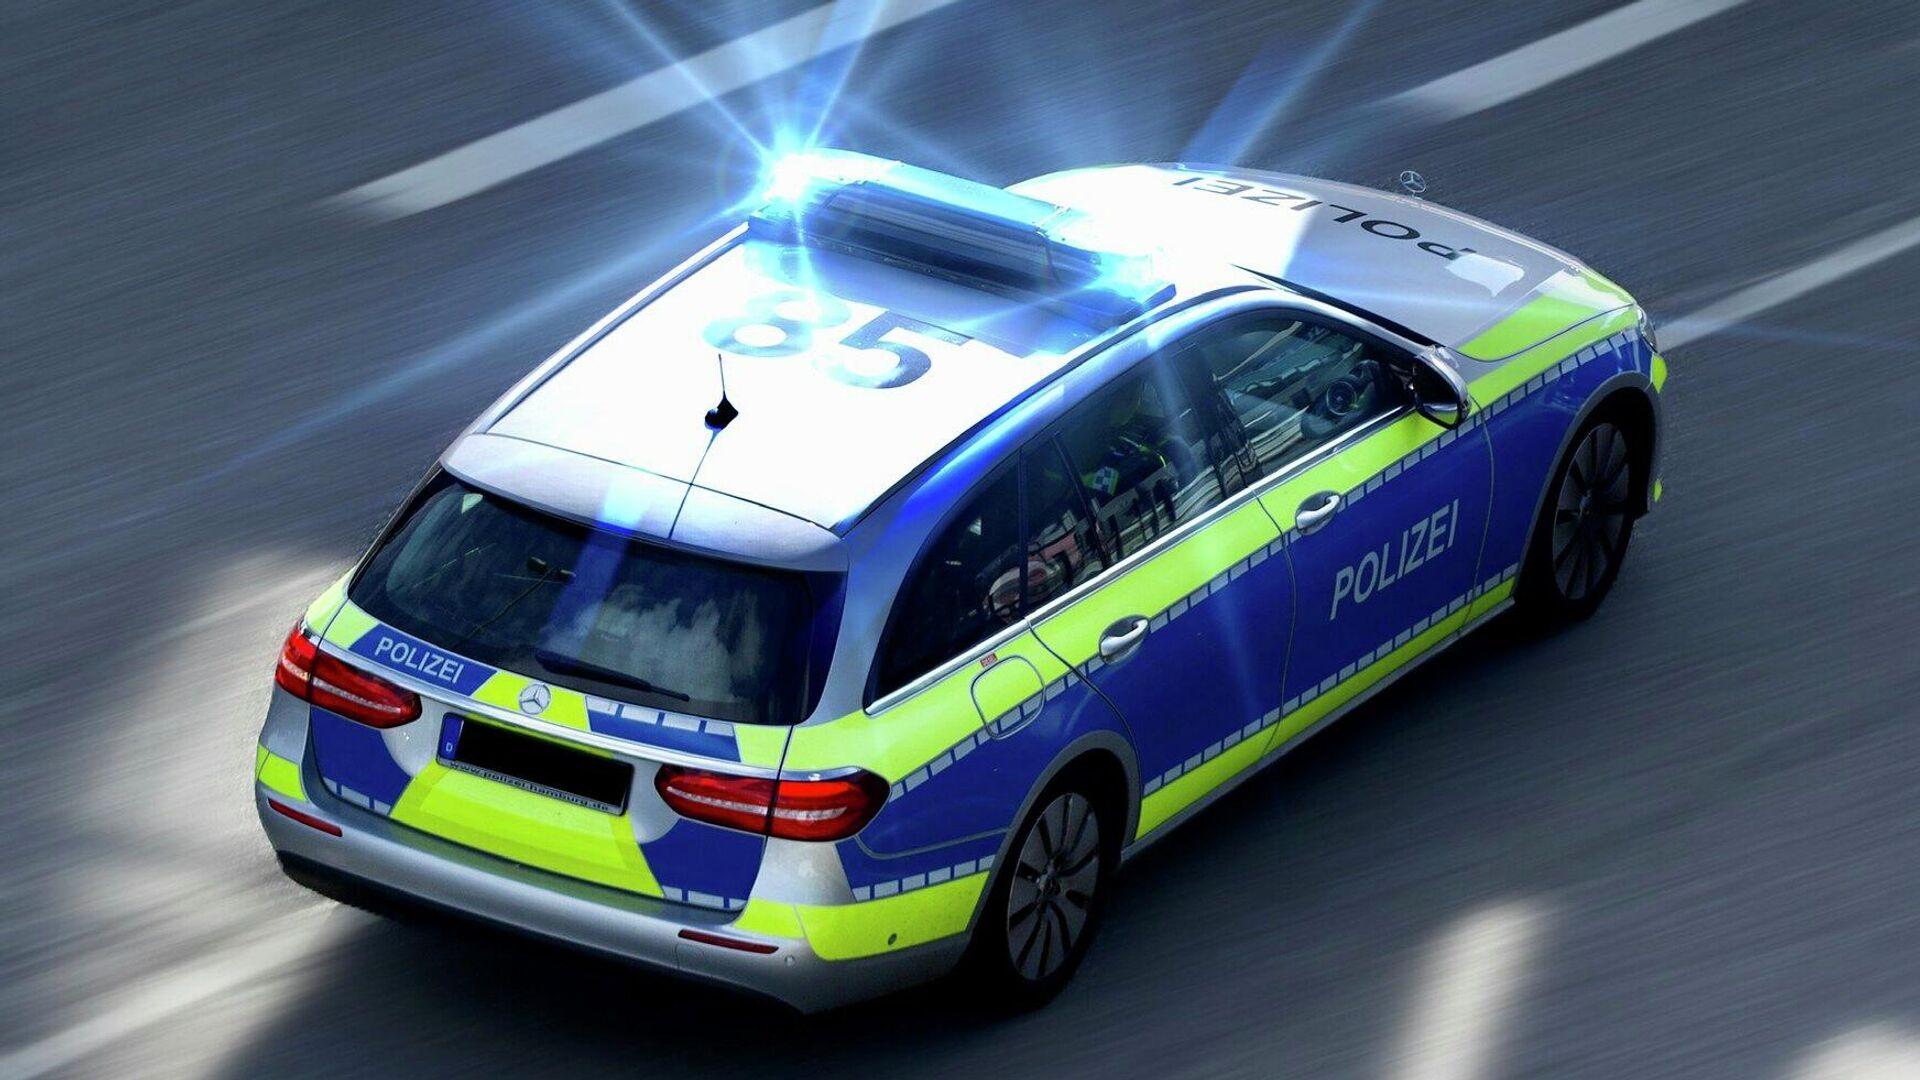 Polizeieinsatz in Deutschland (Symbolbild) - SNA, 1920, 12.07.2021